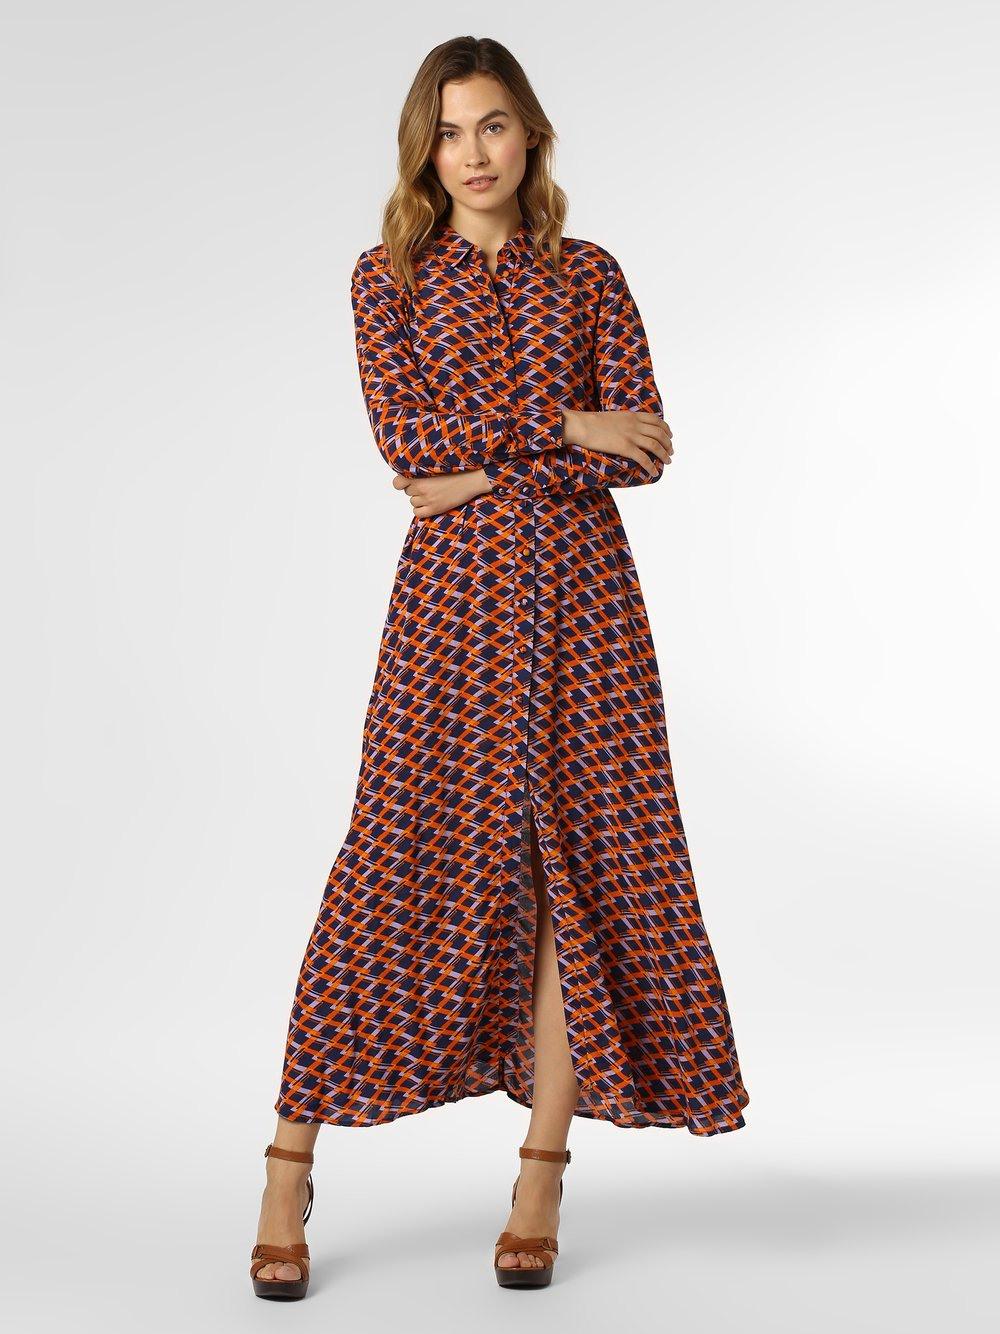 15 Genial Yas Abendkleid Boutique Ausgezeichnet Yas Abendkleid für 2019